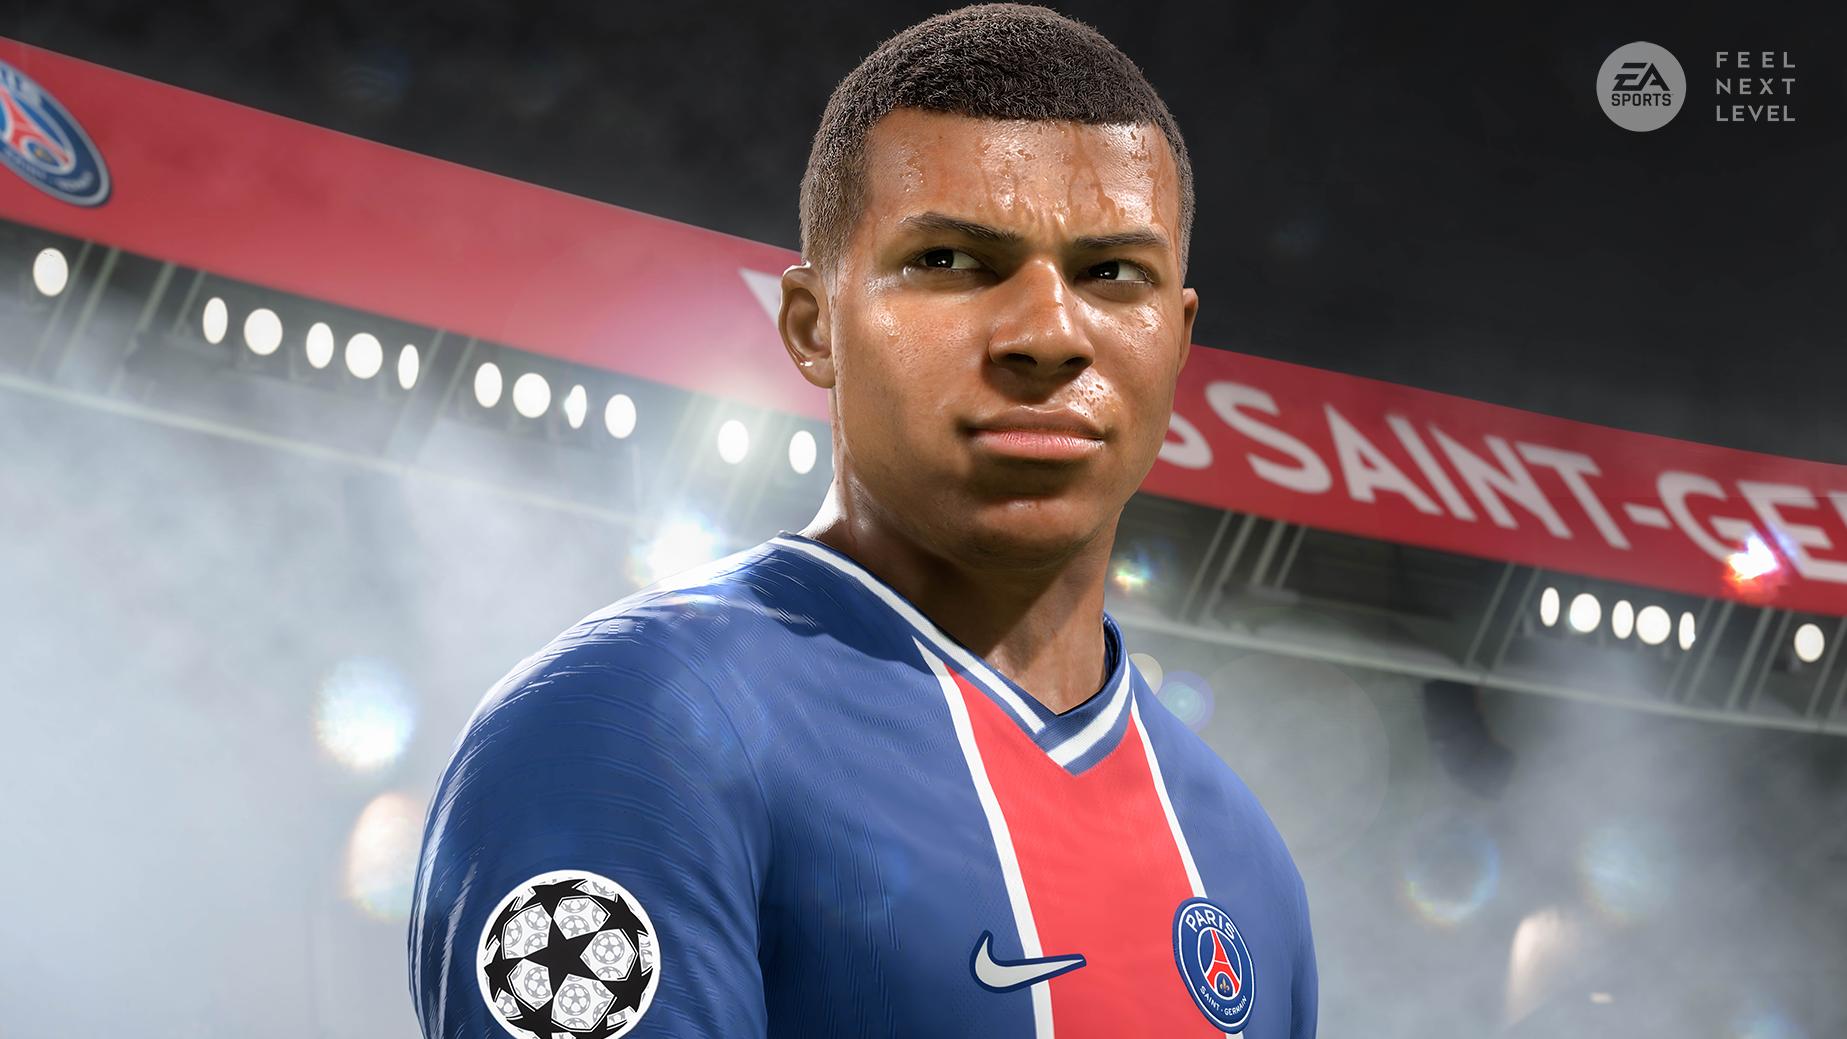 EA SPORTS FIFA 21 OFERECE A EXPERIÊNCIA MAIS AUTÊNTICA DE PARTIDA POR MEIO DO PODER DA NOVA GERAÇÃO 4